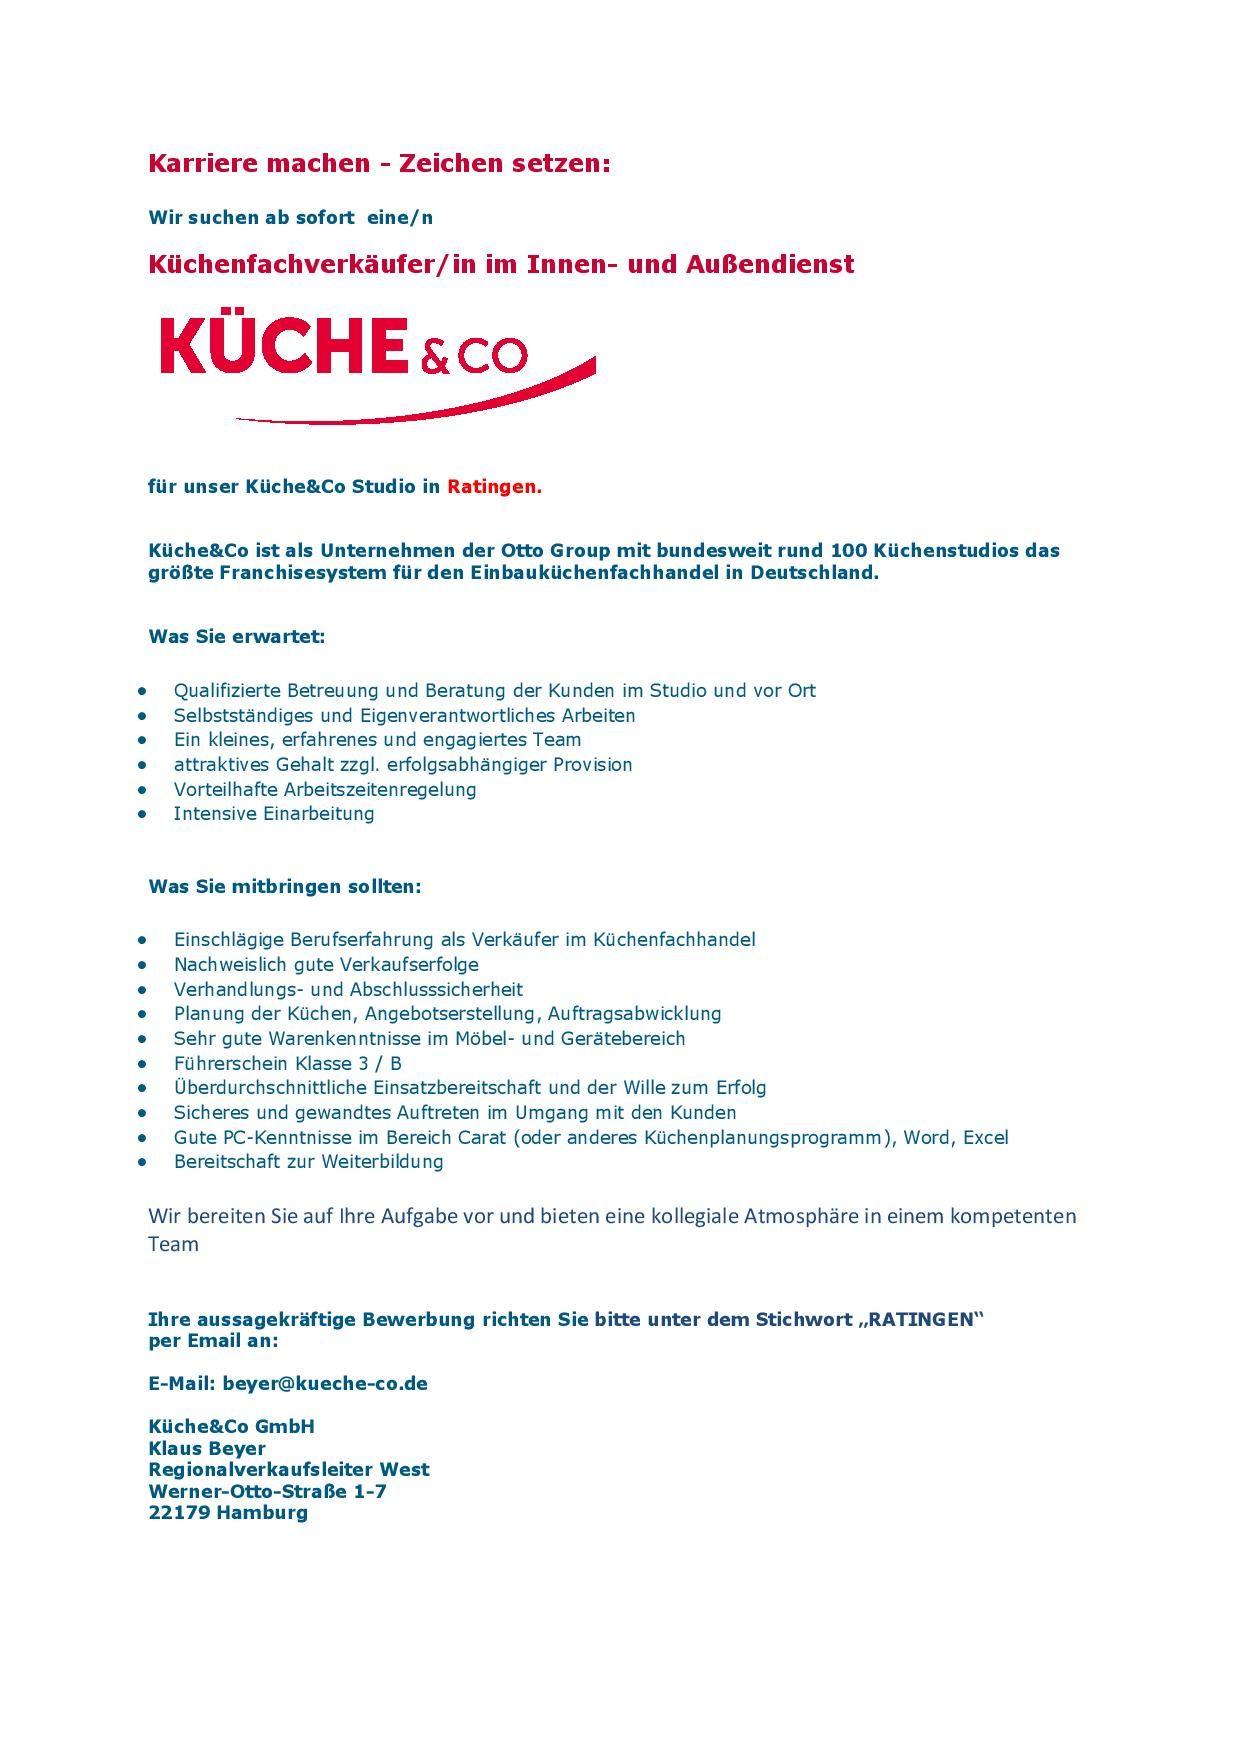 Küchenfachverkäufer/ in im Innen-und Außendienst 020518 - MÖFA BLOG ...